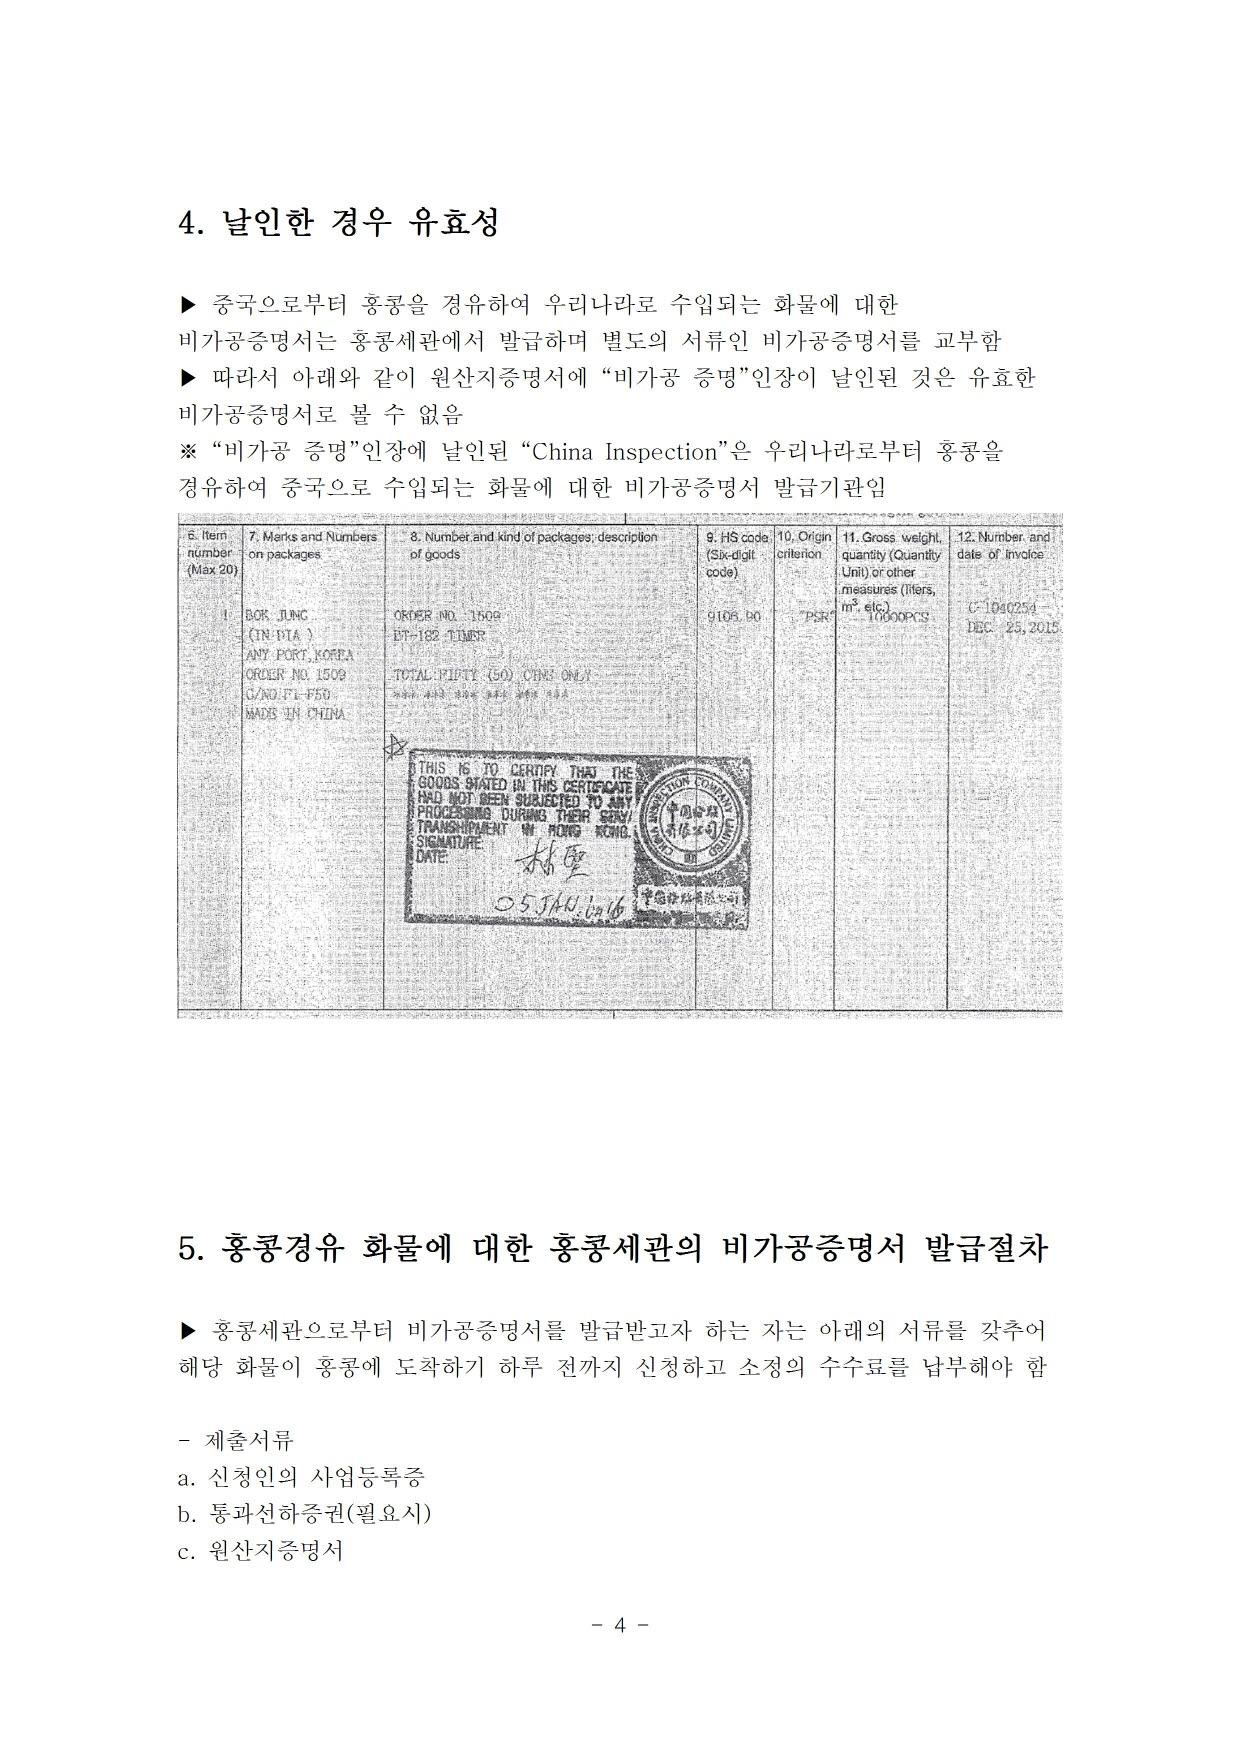 한-중 FTA 유의사항004